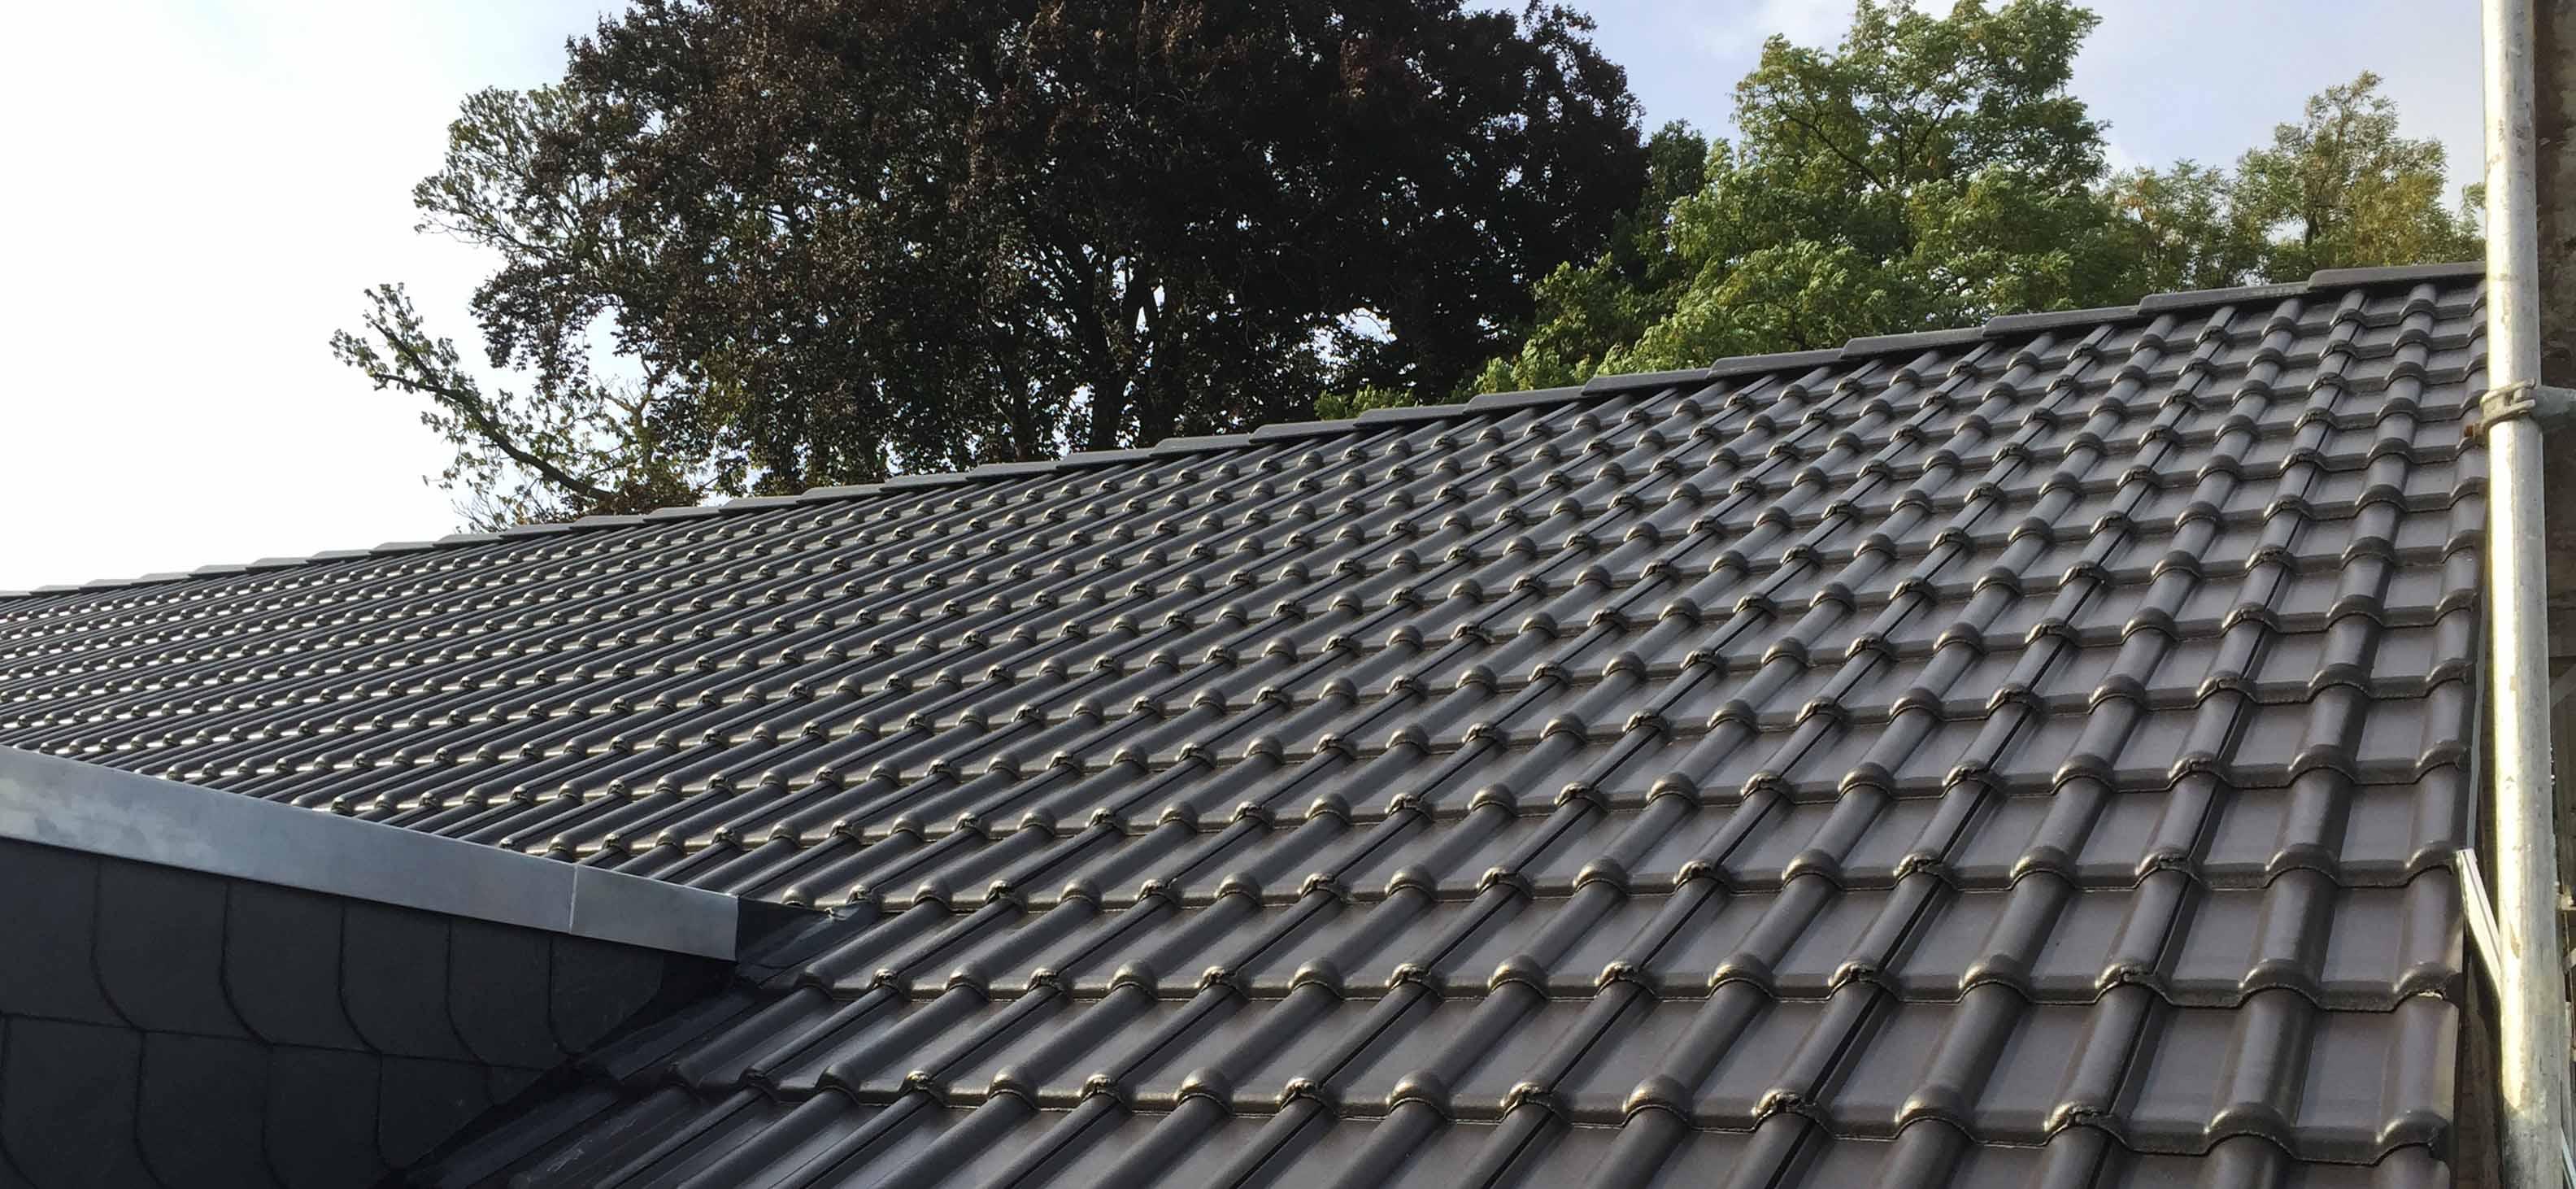 Seitenansicht eines Hausdaches mit dunkeln Ziegeln